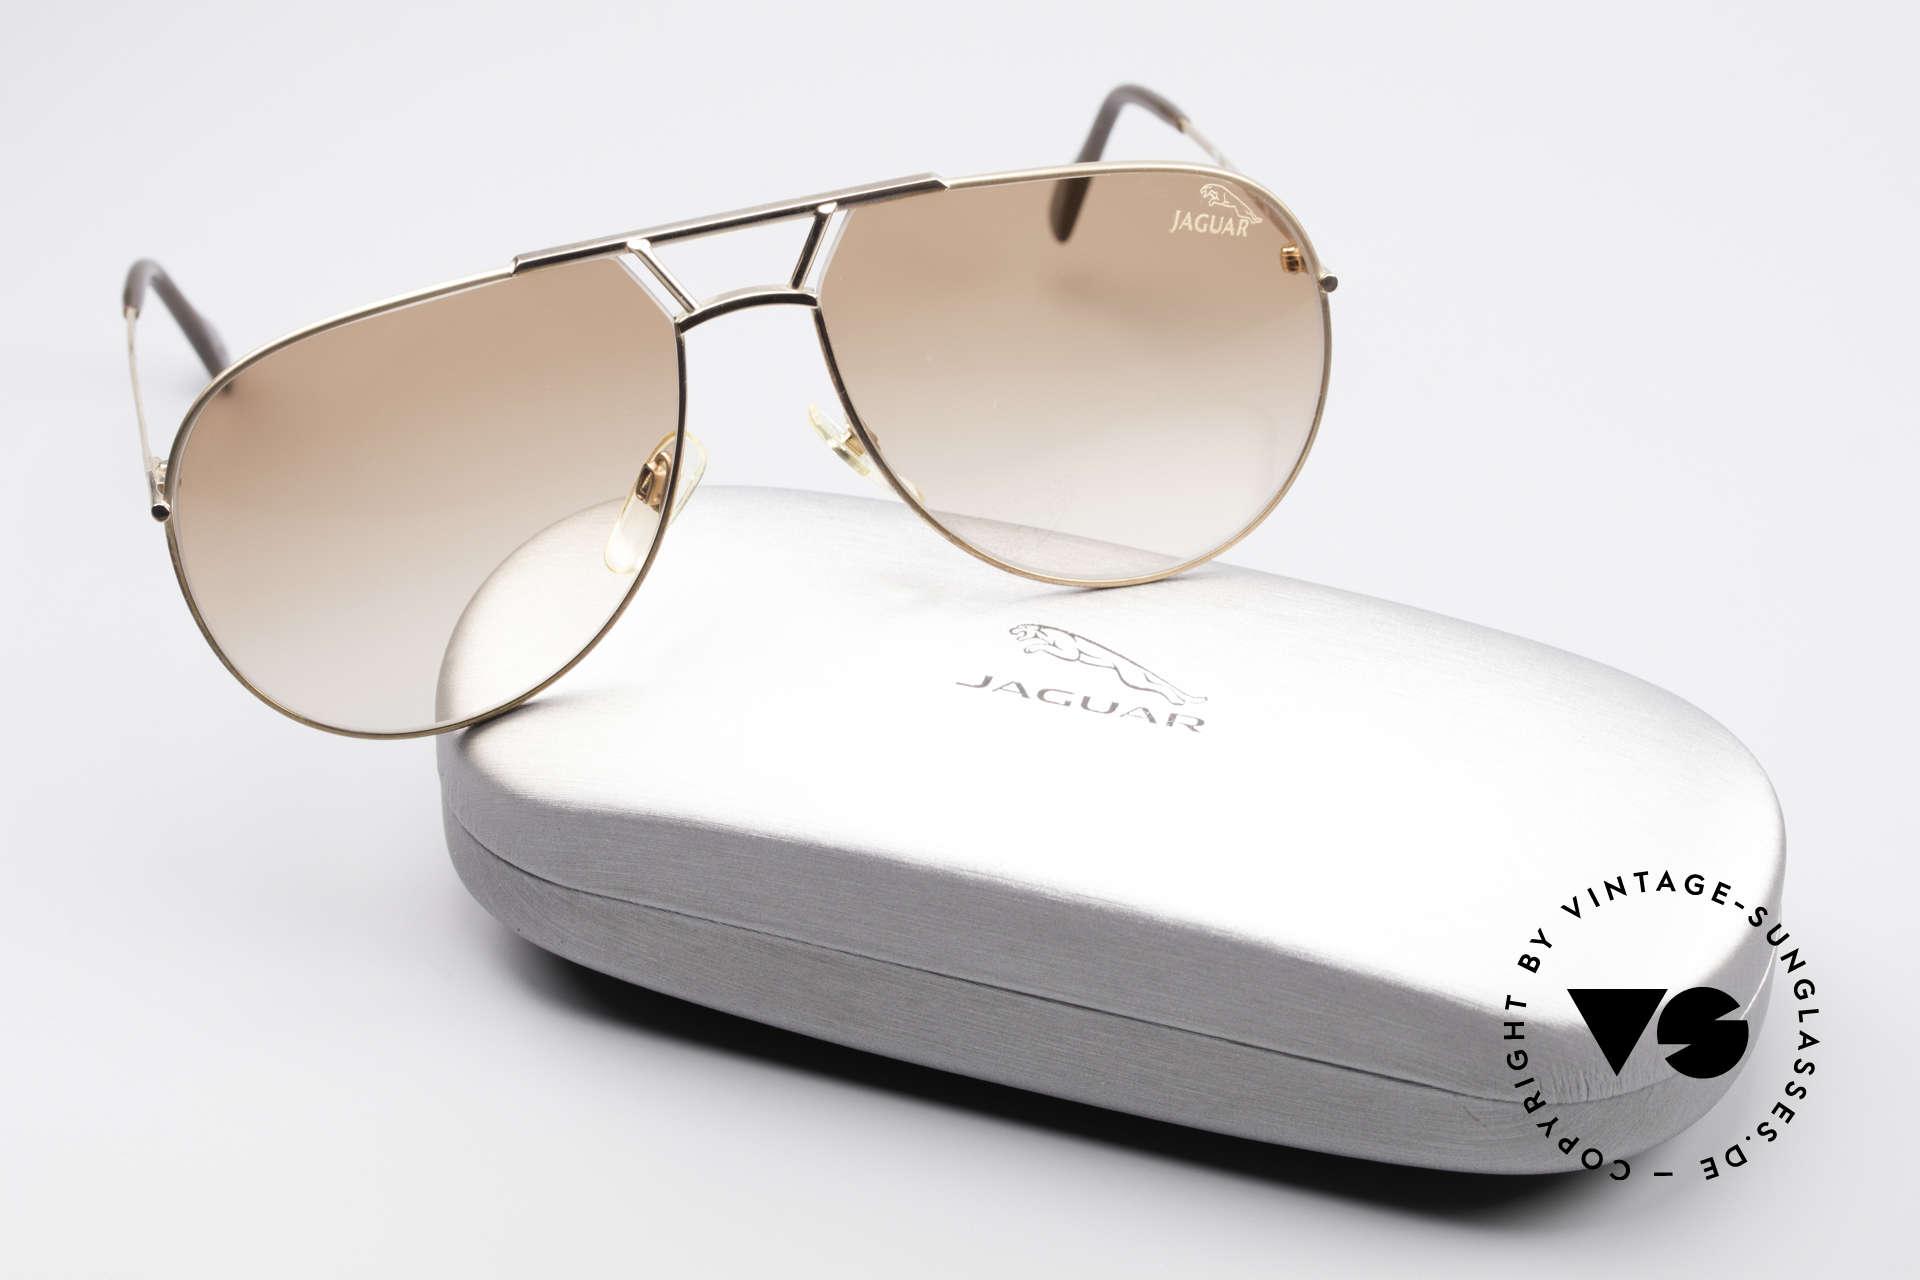 Jaguar 795 Vintage Herren Sonnenbrille, orig. Sonnengläser können ggf. auch ersetzt werden, Passend für Herren